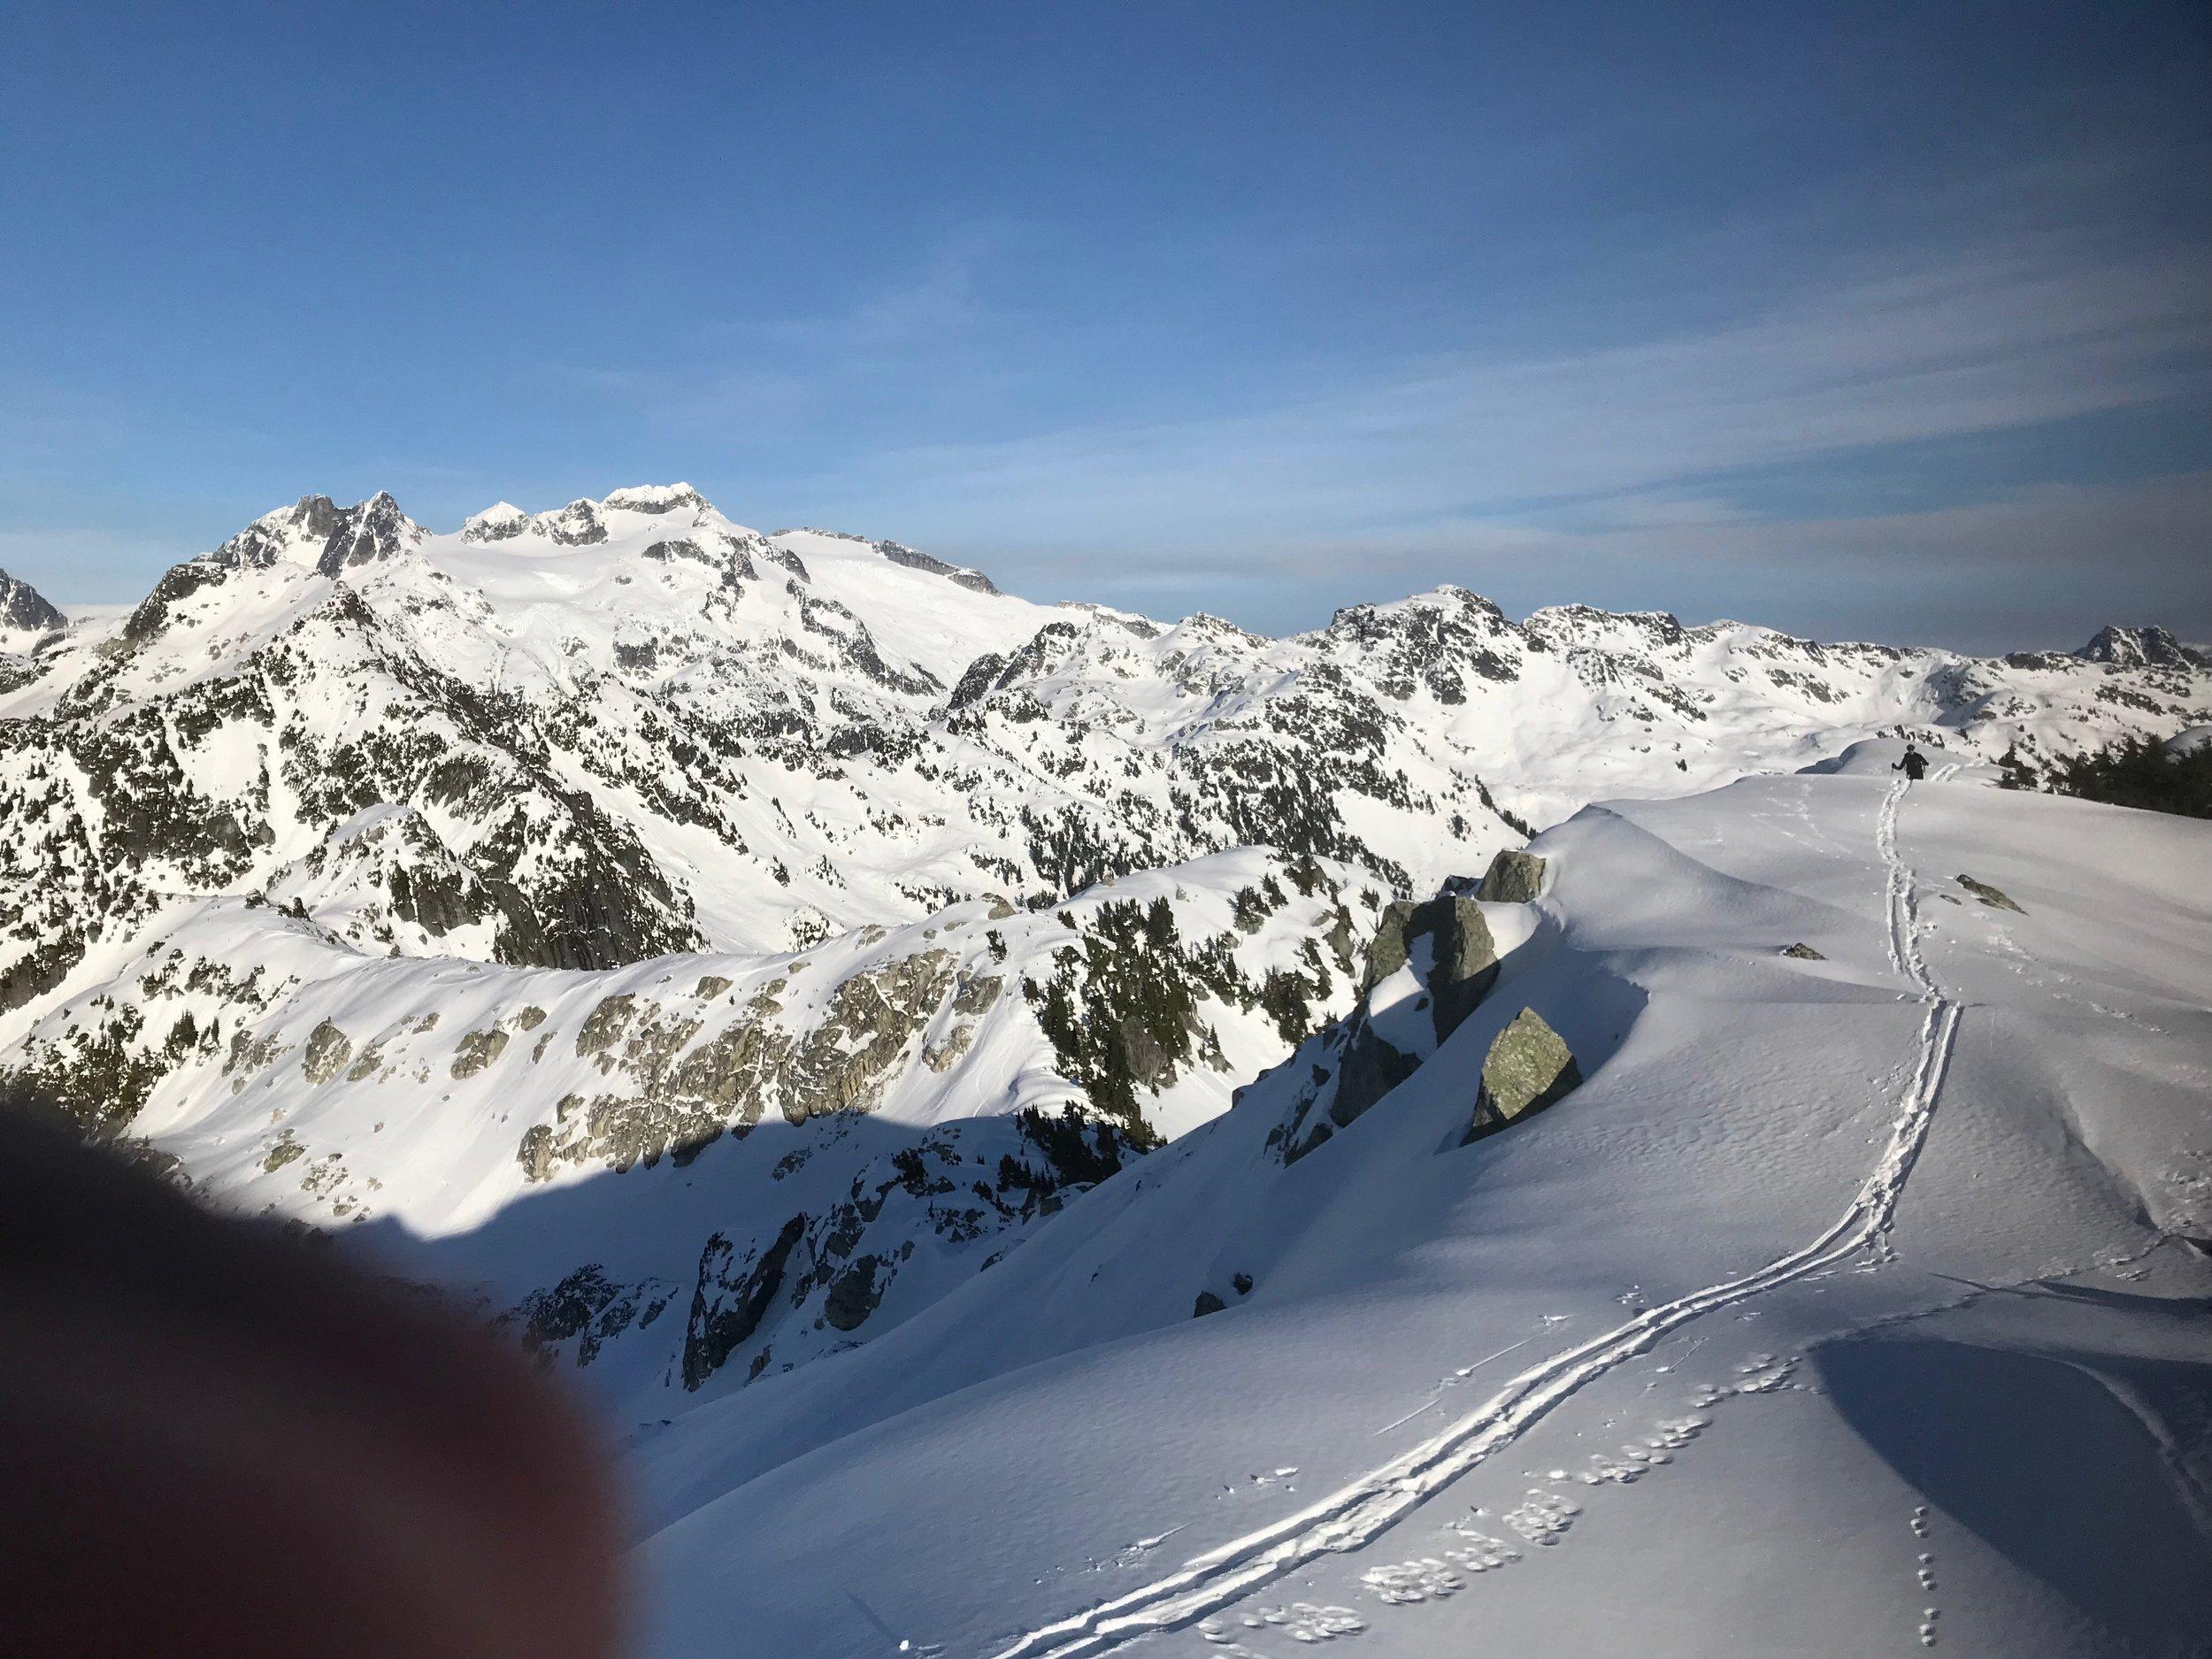 Summit ridge with views to Mamquam